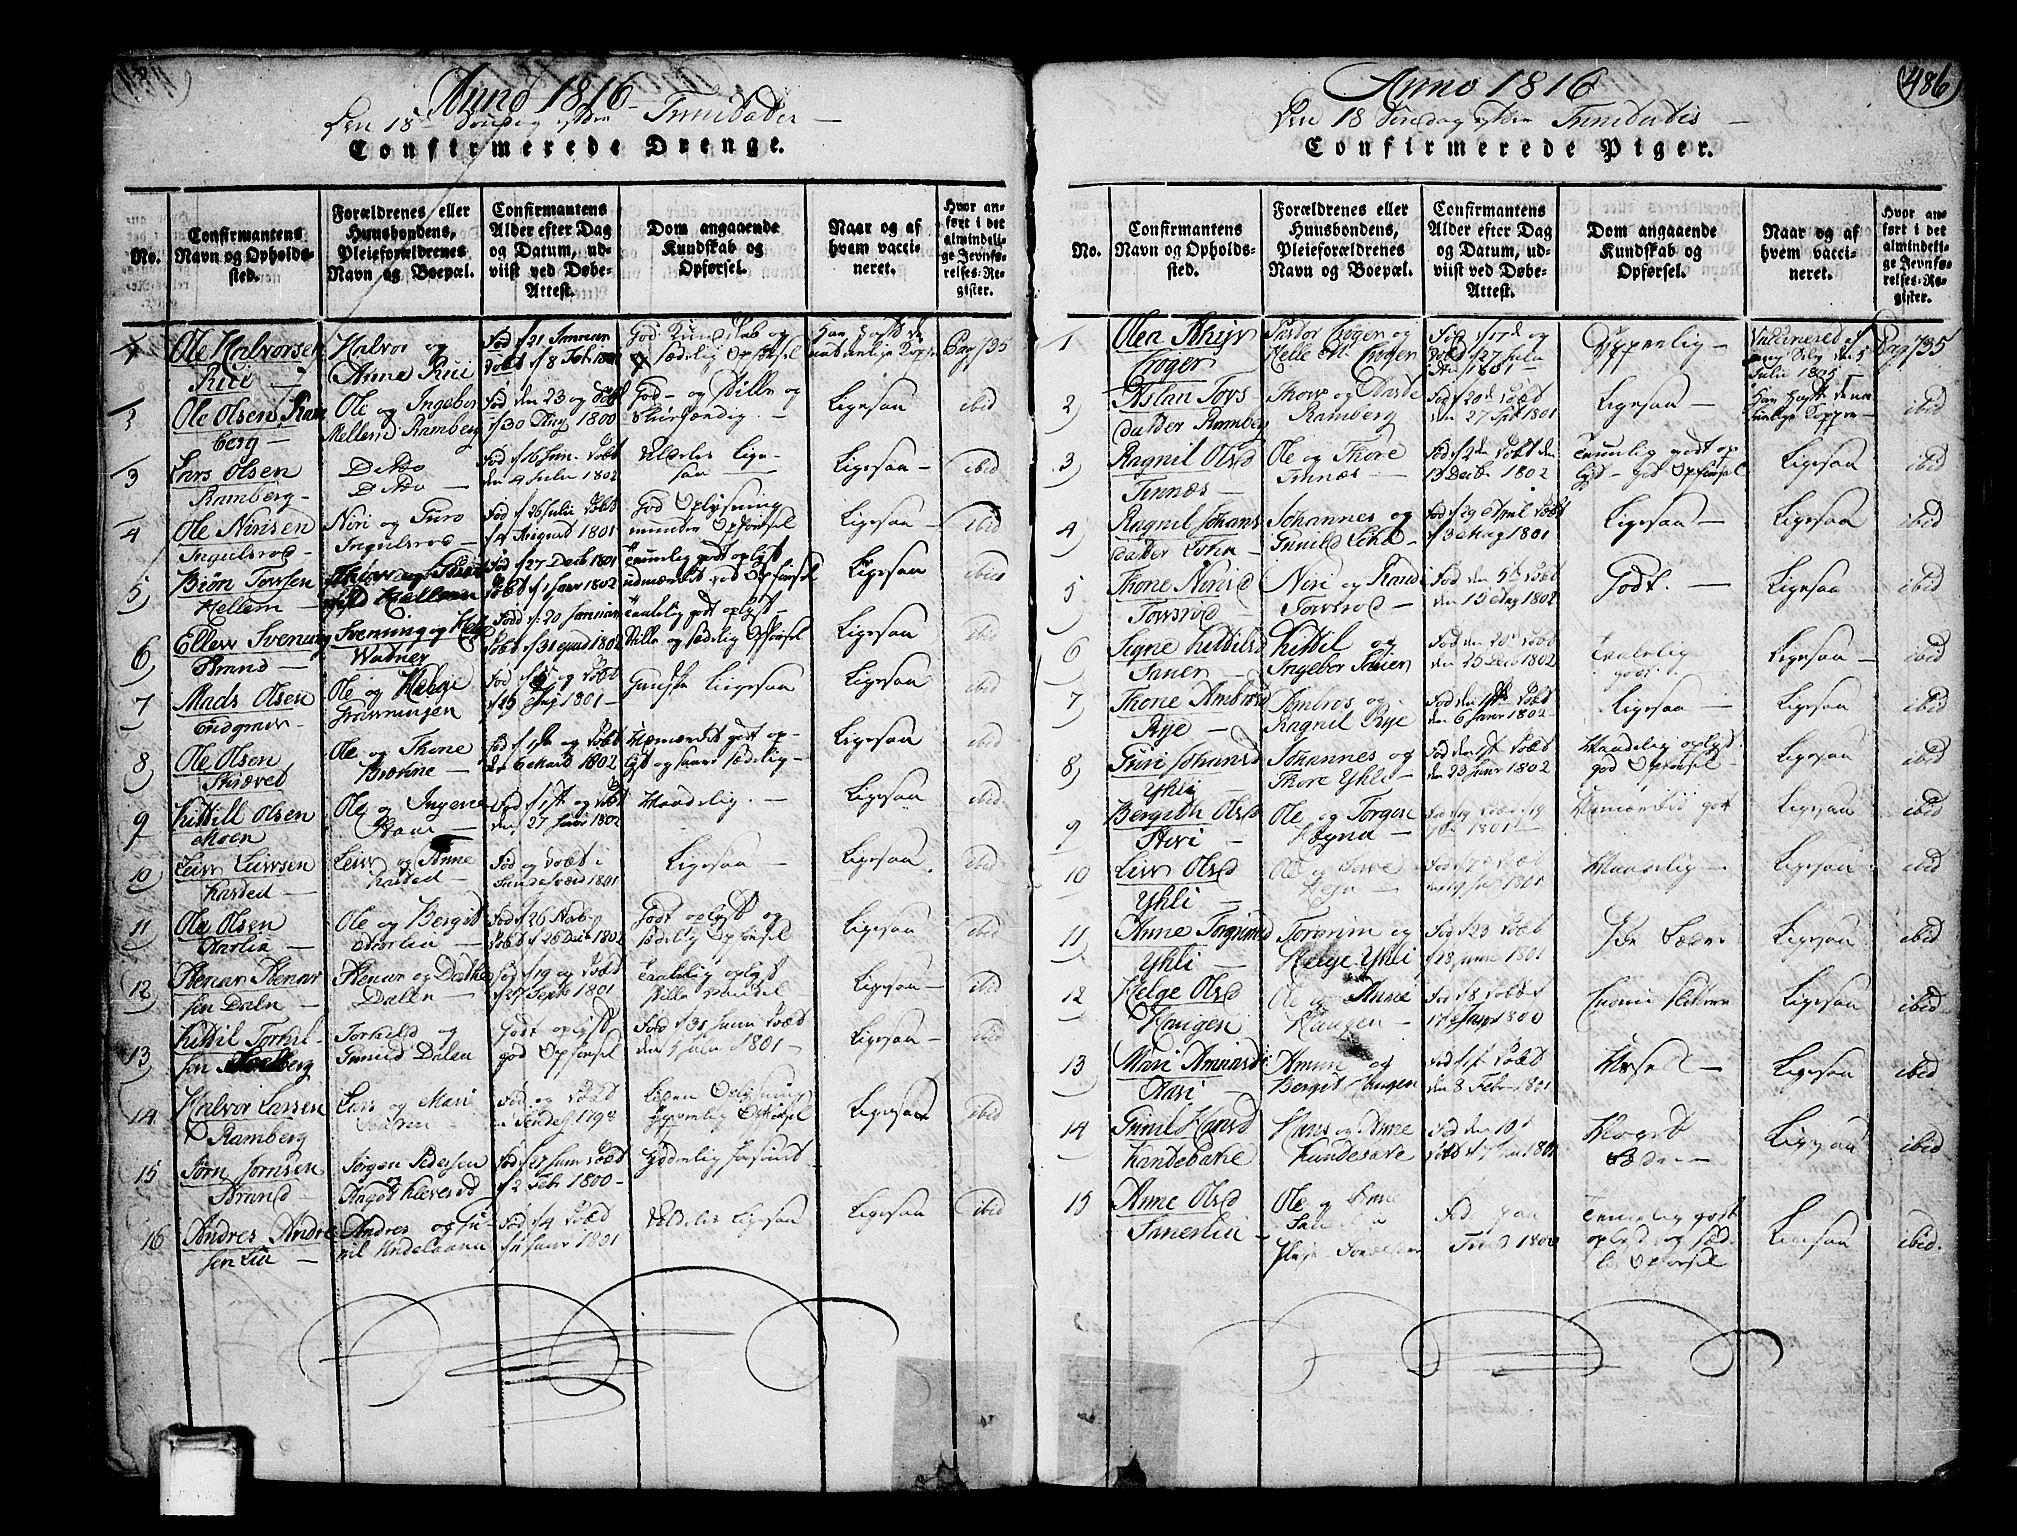 SAKO, Heddal kirkebøker, F/Fa/L0005: Ministerialbok nr. I 5, 1814-1837, s. 485-486